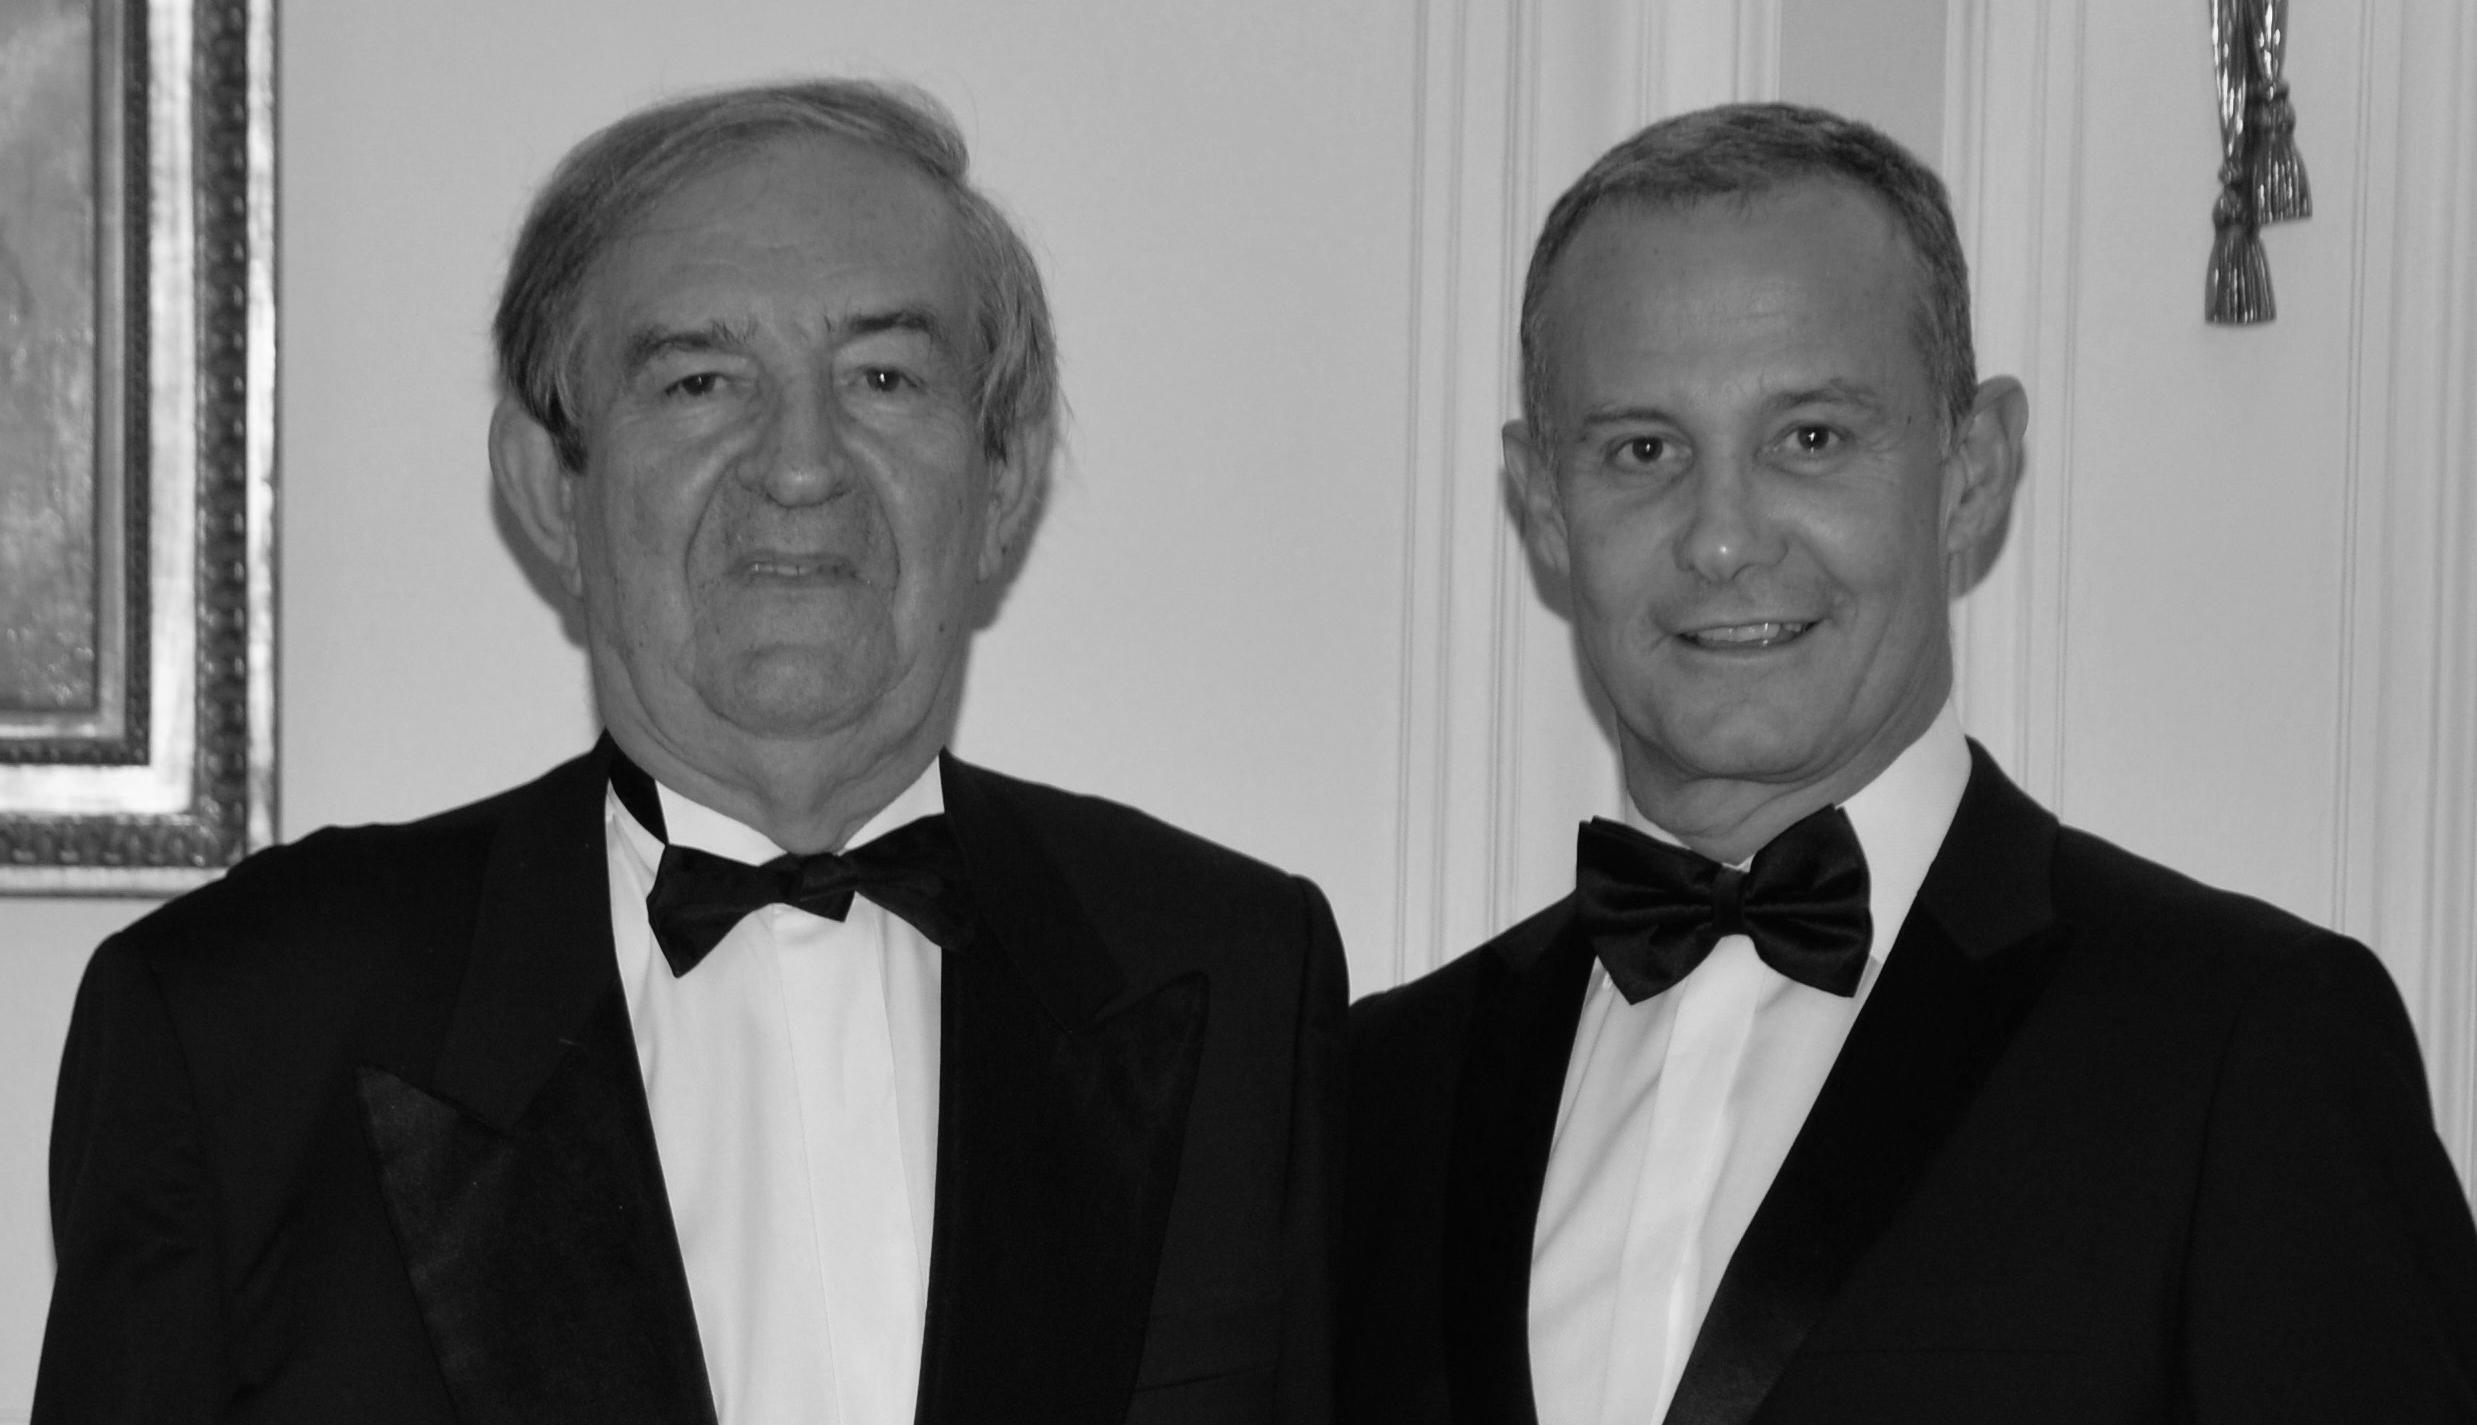 Le juge anti-terroriste Jean-Louis BRUGUIÈRE - L'avocat Francis BAILLET